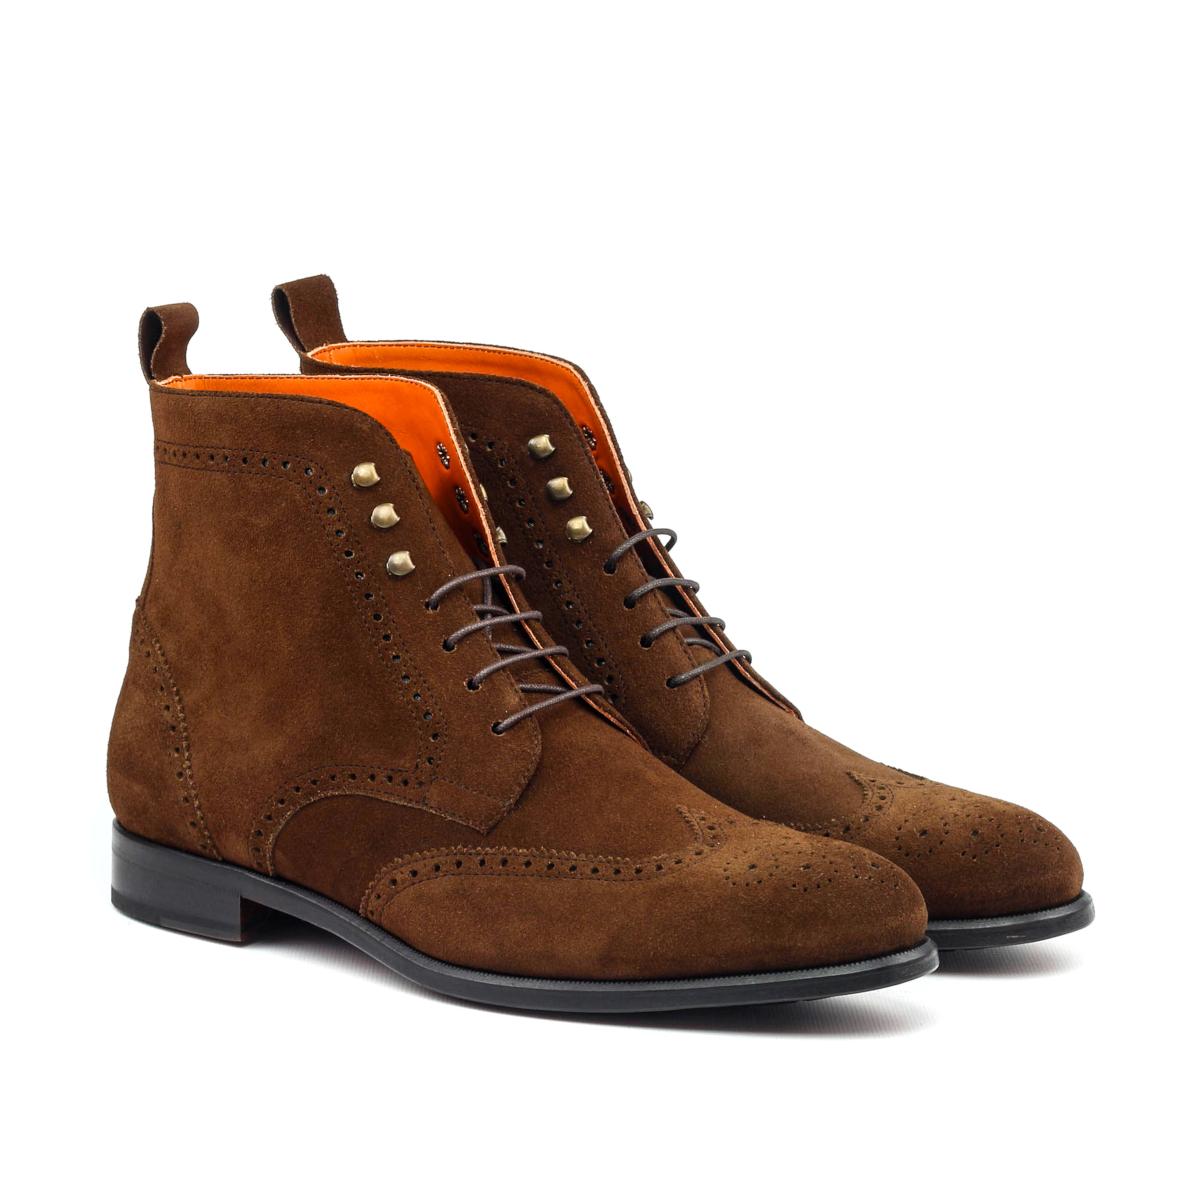 Brown suede wingtip boots